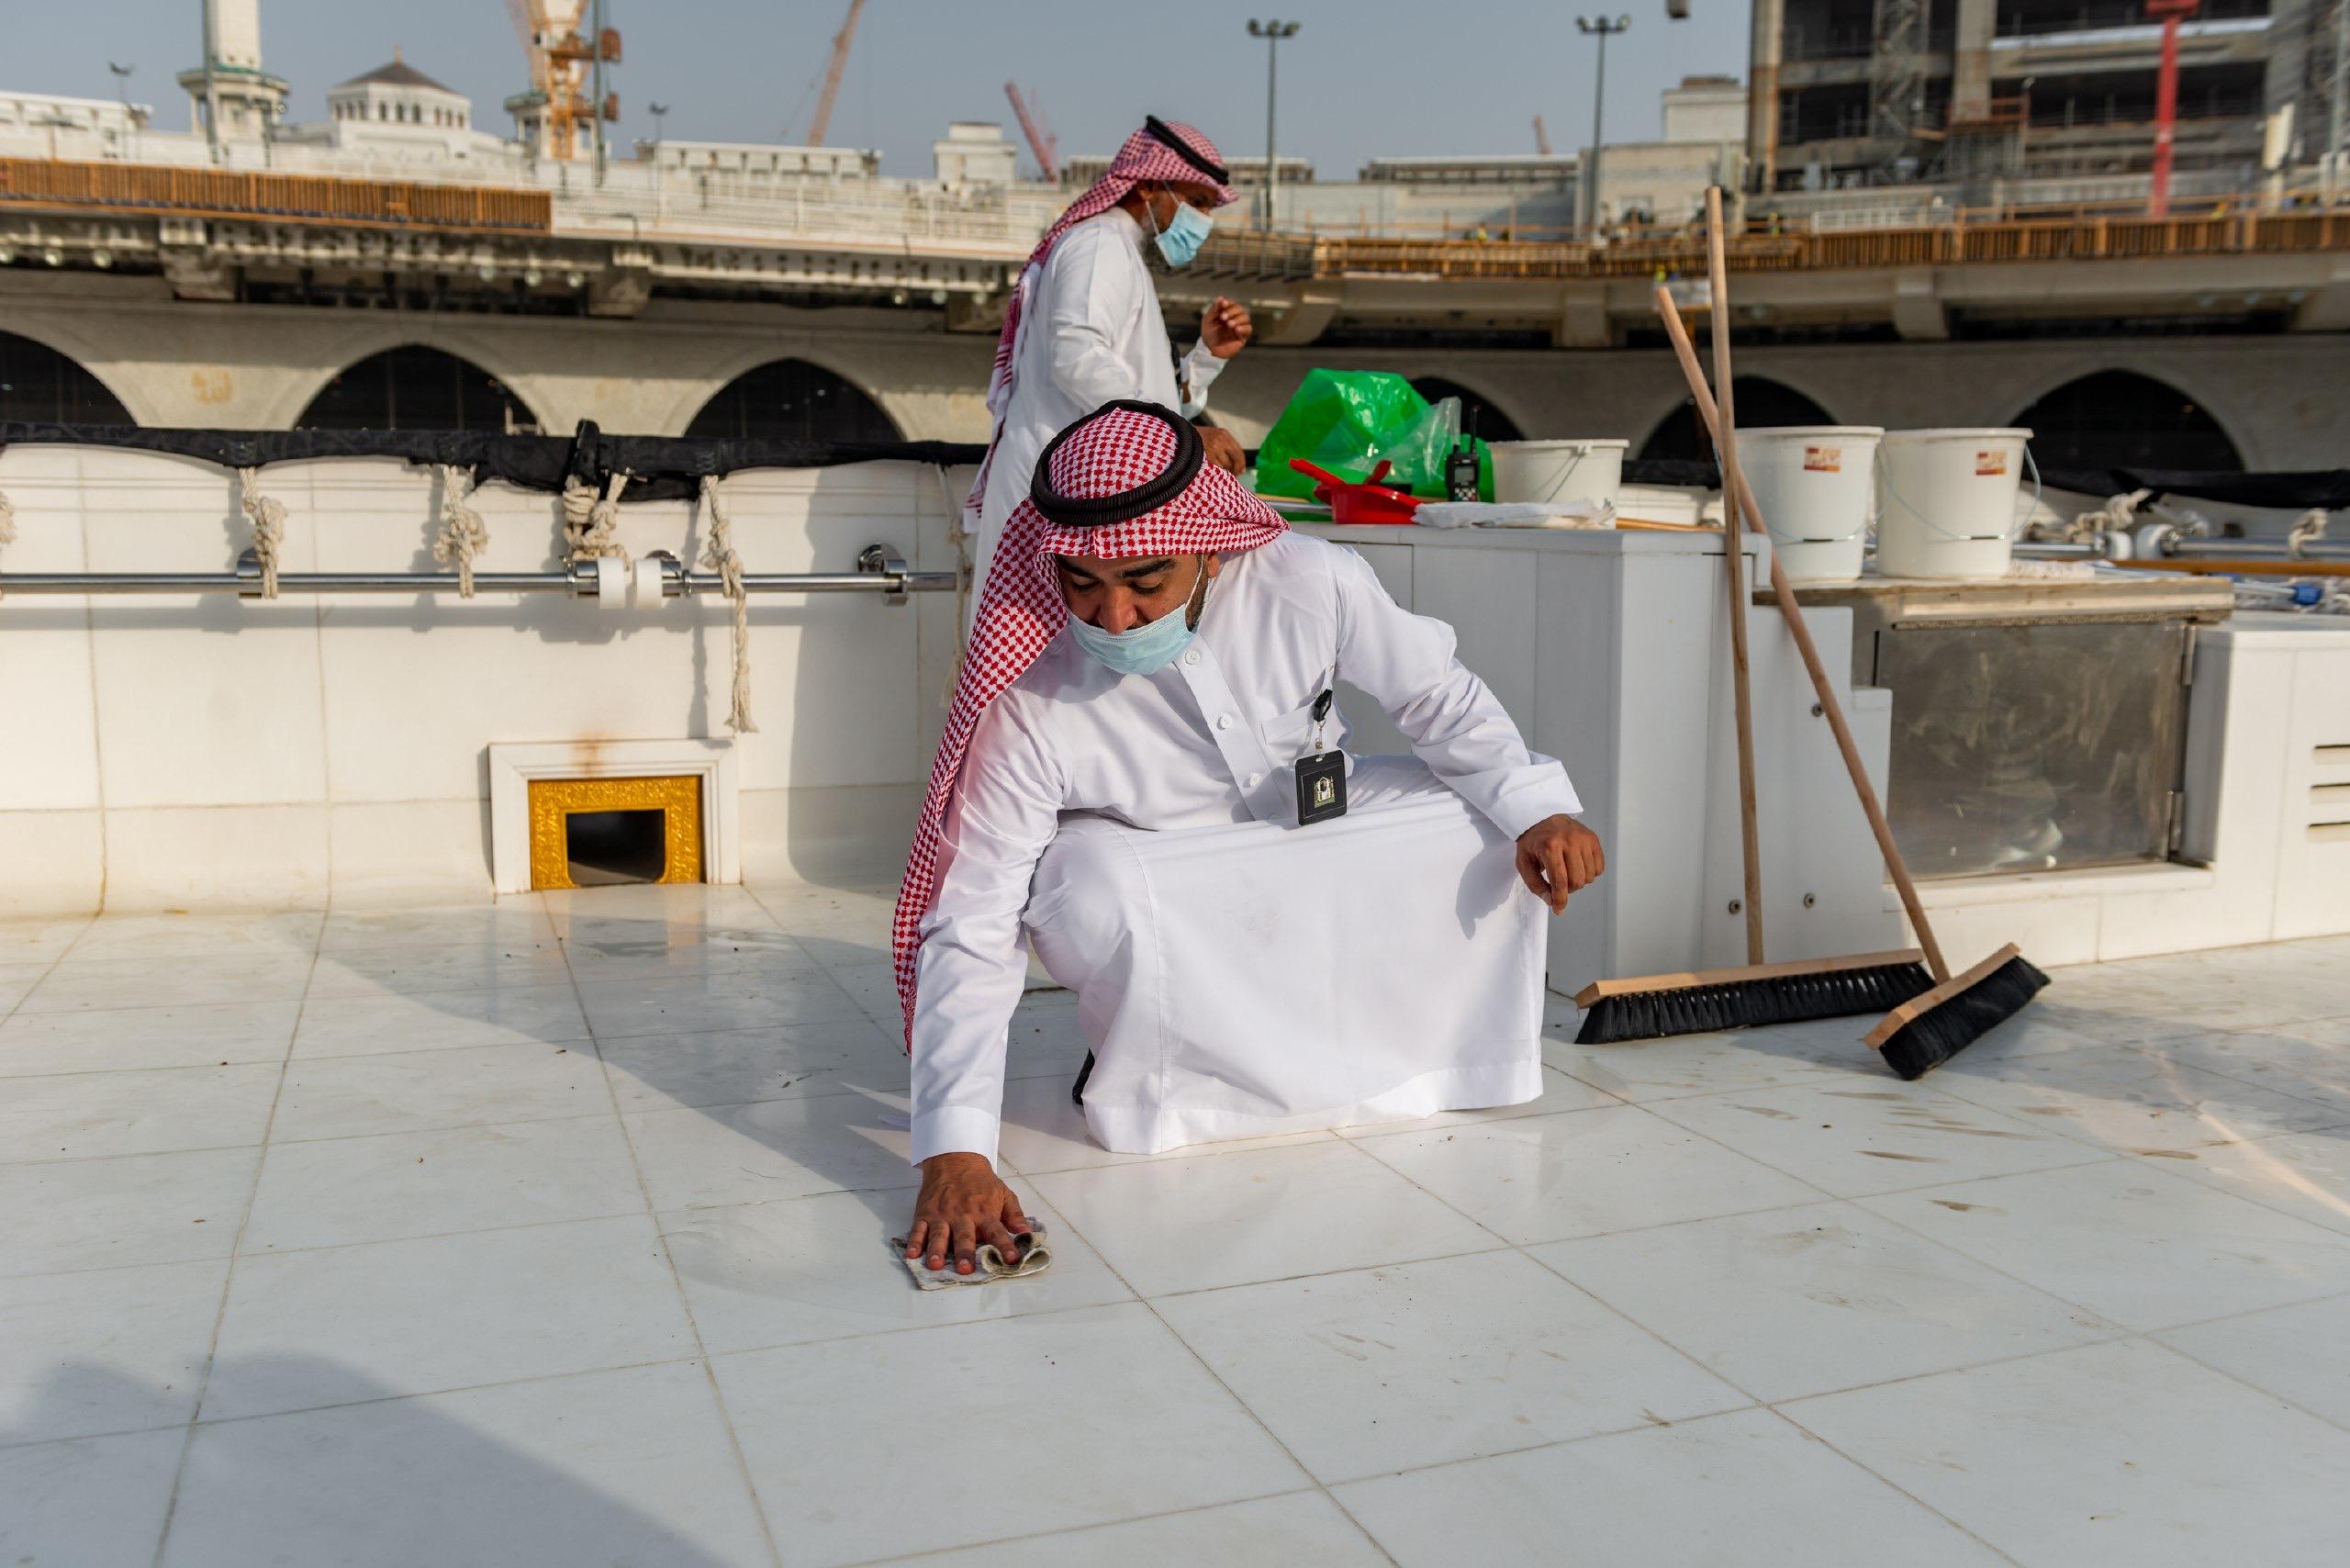 فريق سعودي مختص بتنظيف سطح الكعبة المشرفة خلال 40 دقيقة (1)